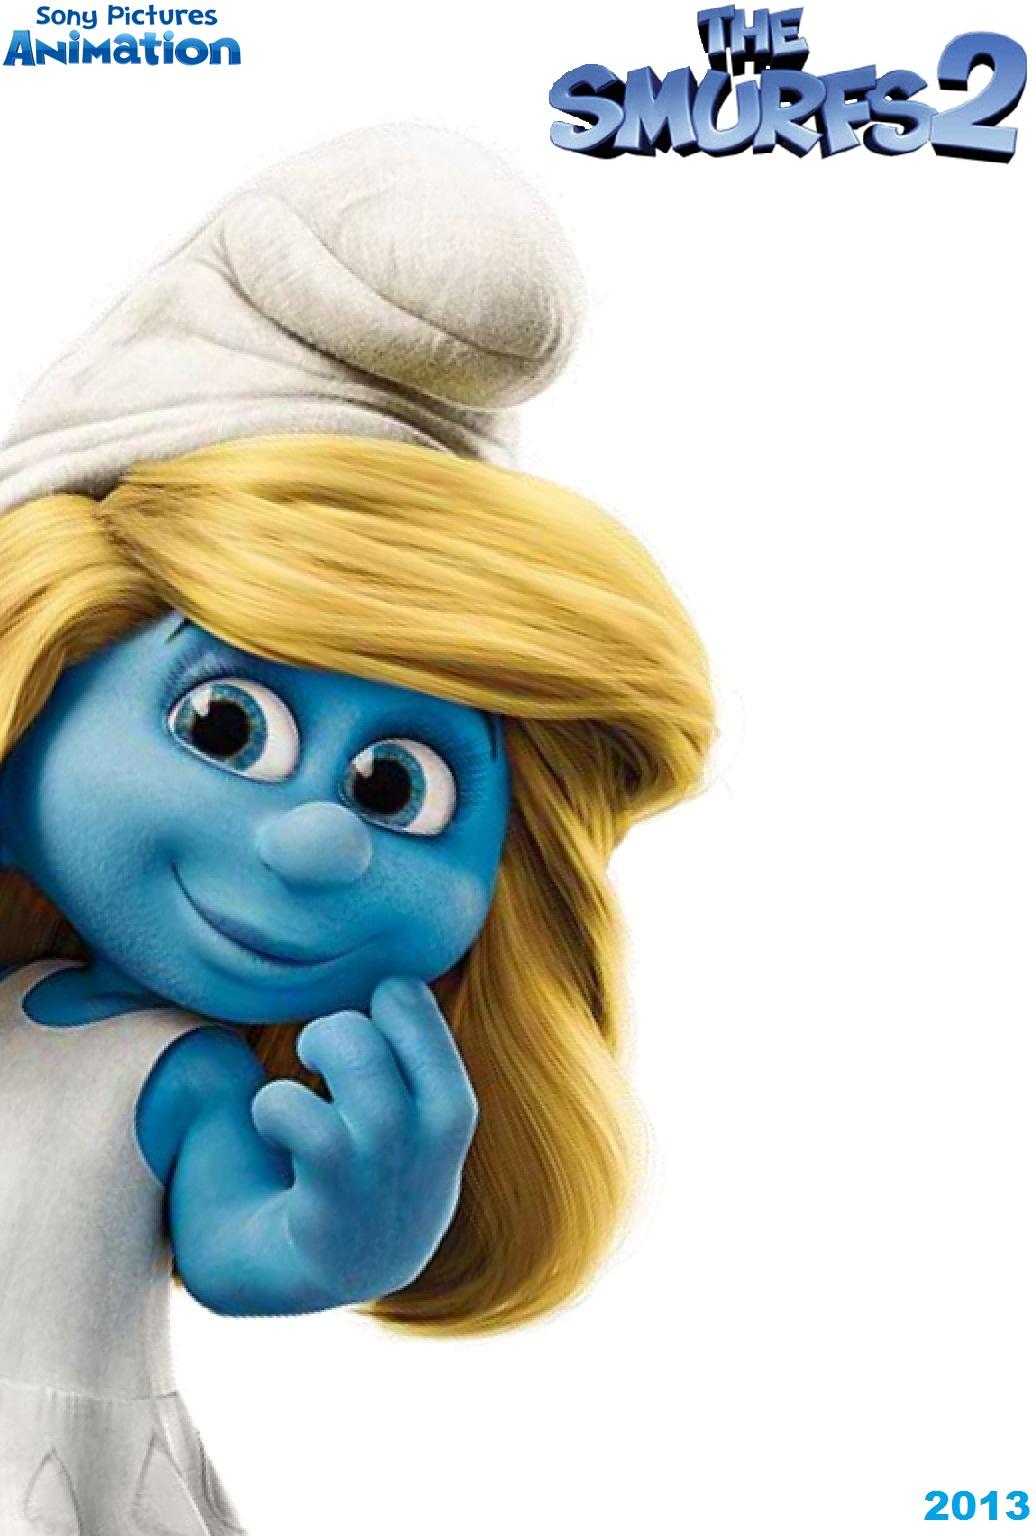 دانلود تریلر The Smurfs 2 اسمورف ها 2